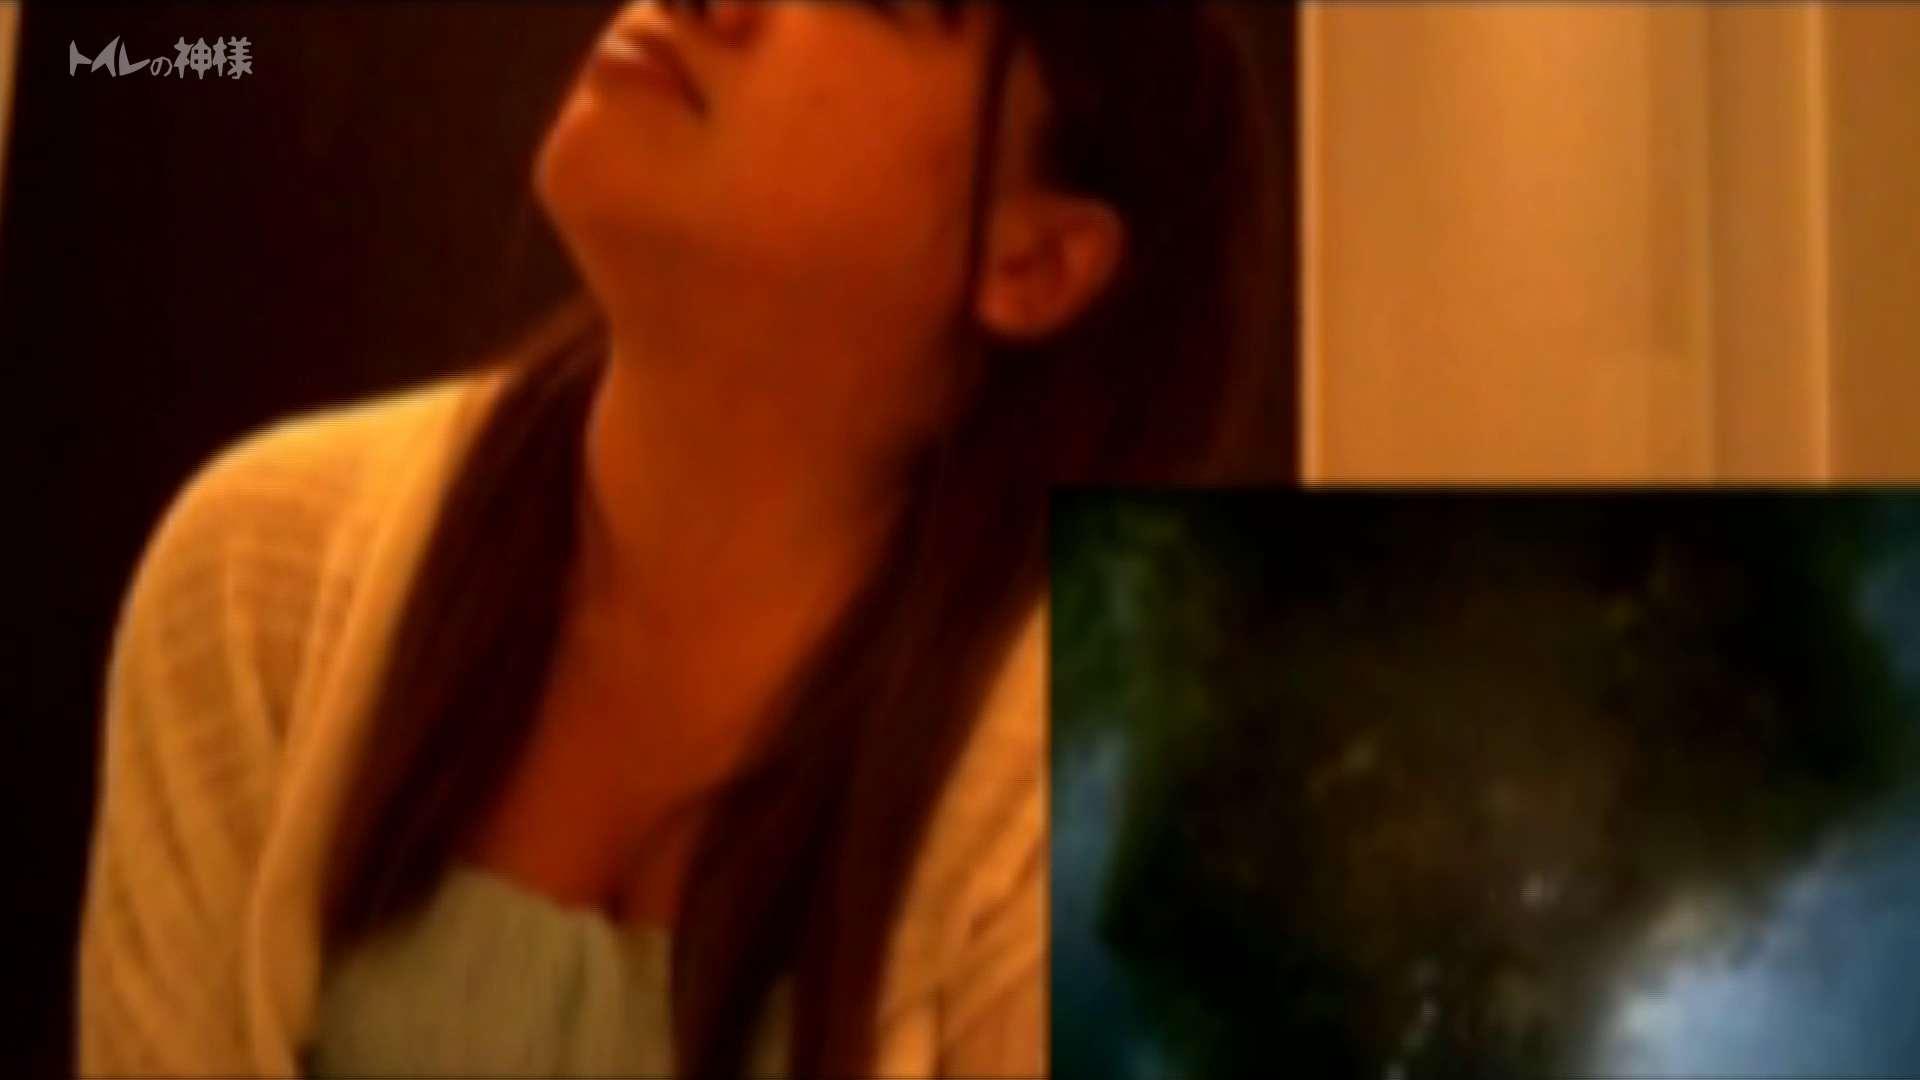 トイレの神様 Vol.03 彼女のうんち隠し撮り 丸見え セックス無修正動画無料 111枚 12